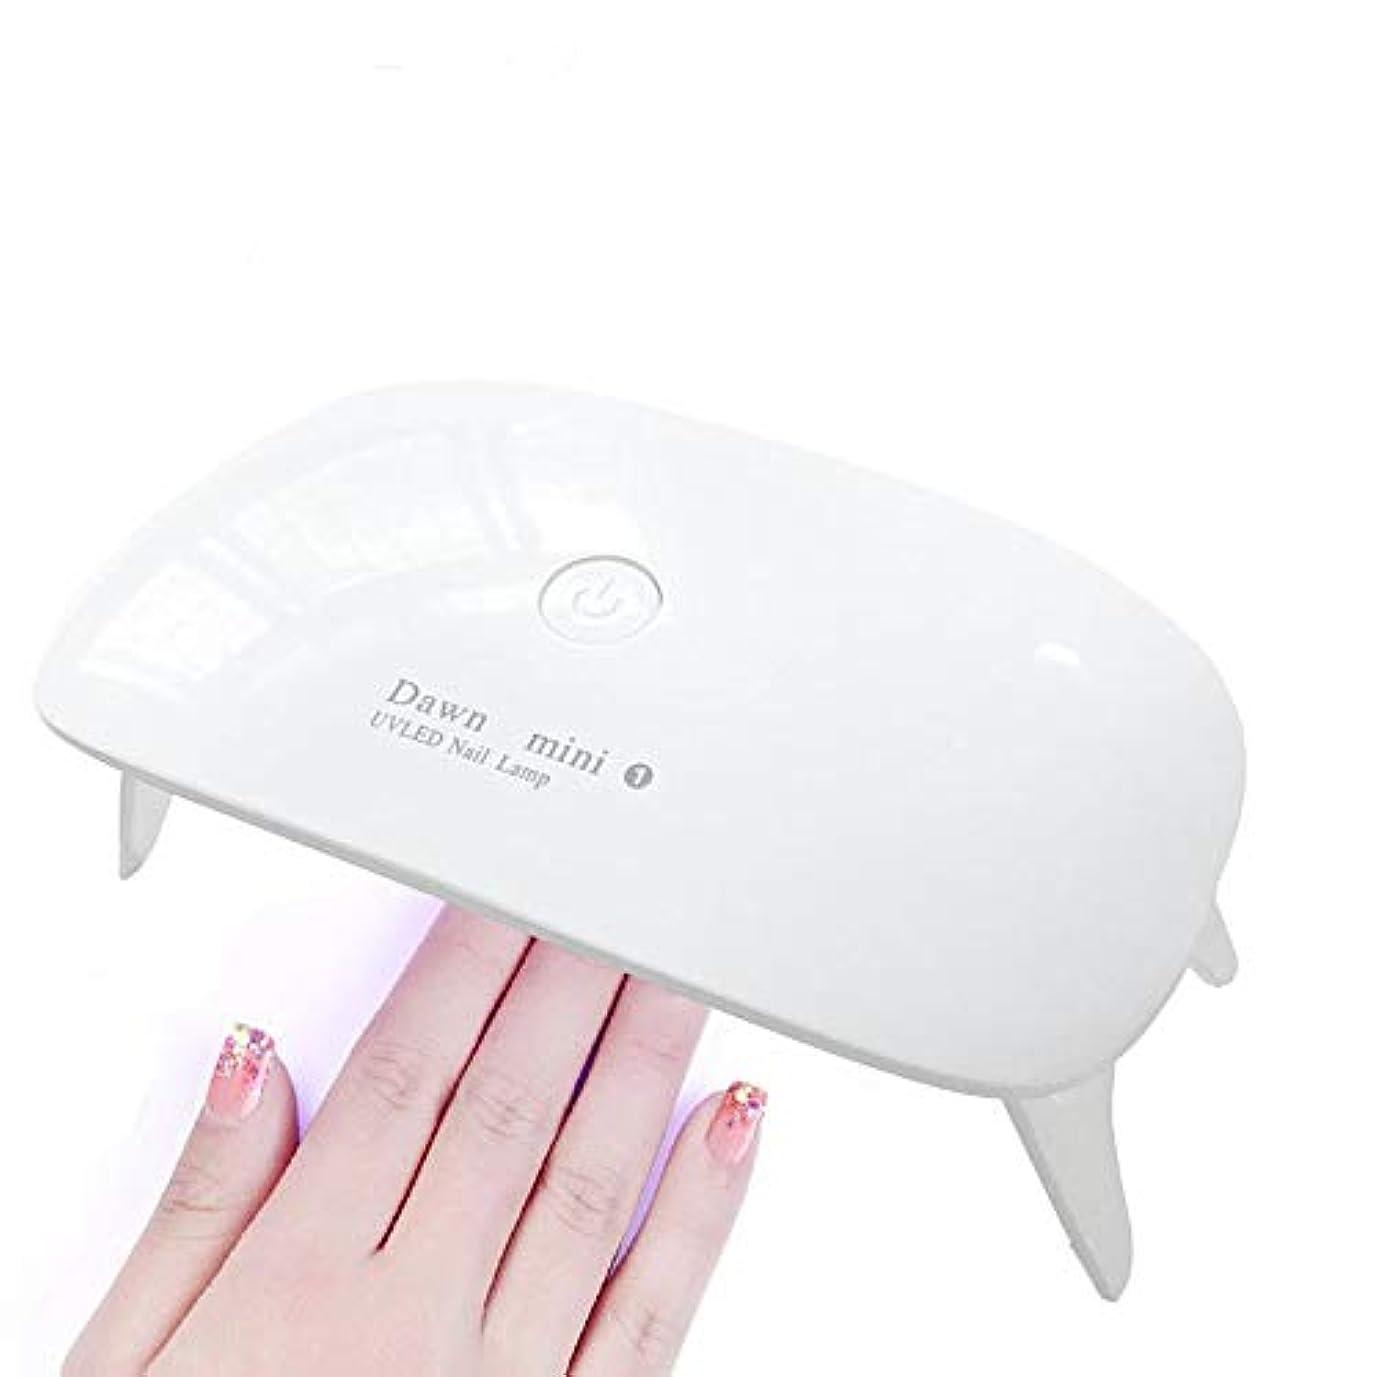 遅れ窒素散歩LEDネイルドライヤー UVライト レジン用 硬化ライト タイマー設定可能 折りたたみ式手足とも使える UV と LEDダブルライト ジェルネイル と レジンクラフト用